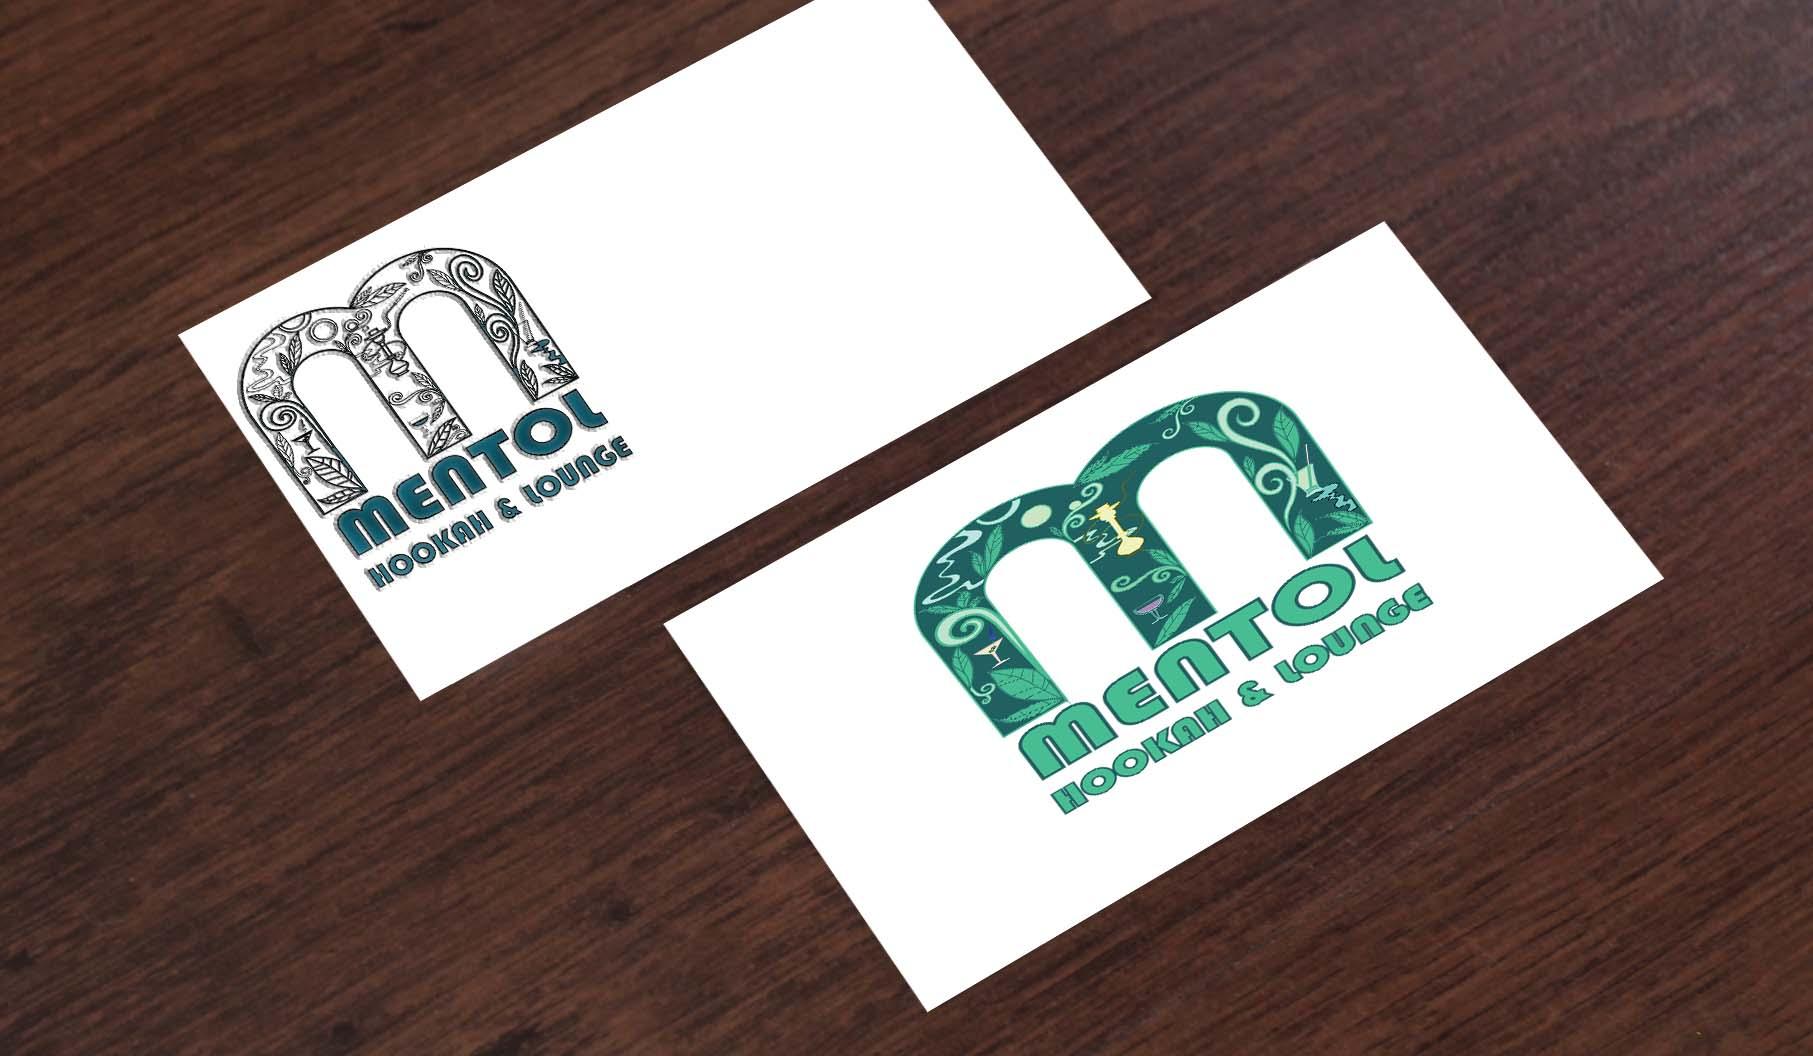 Создать логотип для кальянной!!! фото f_8915e11cbf79233e.jpg